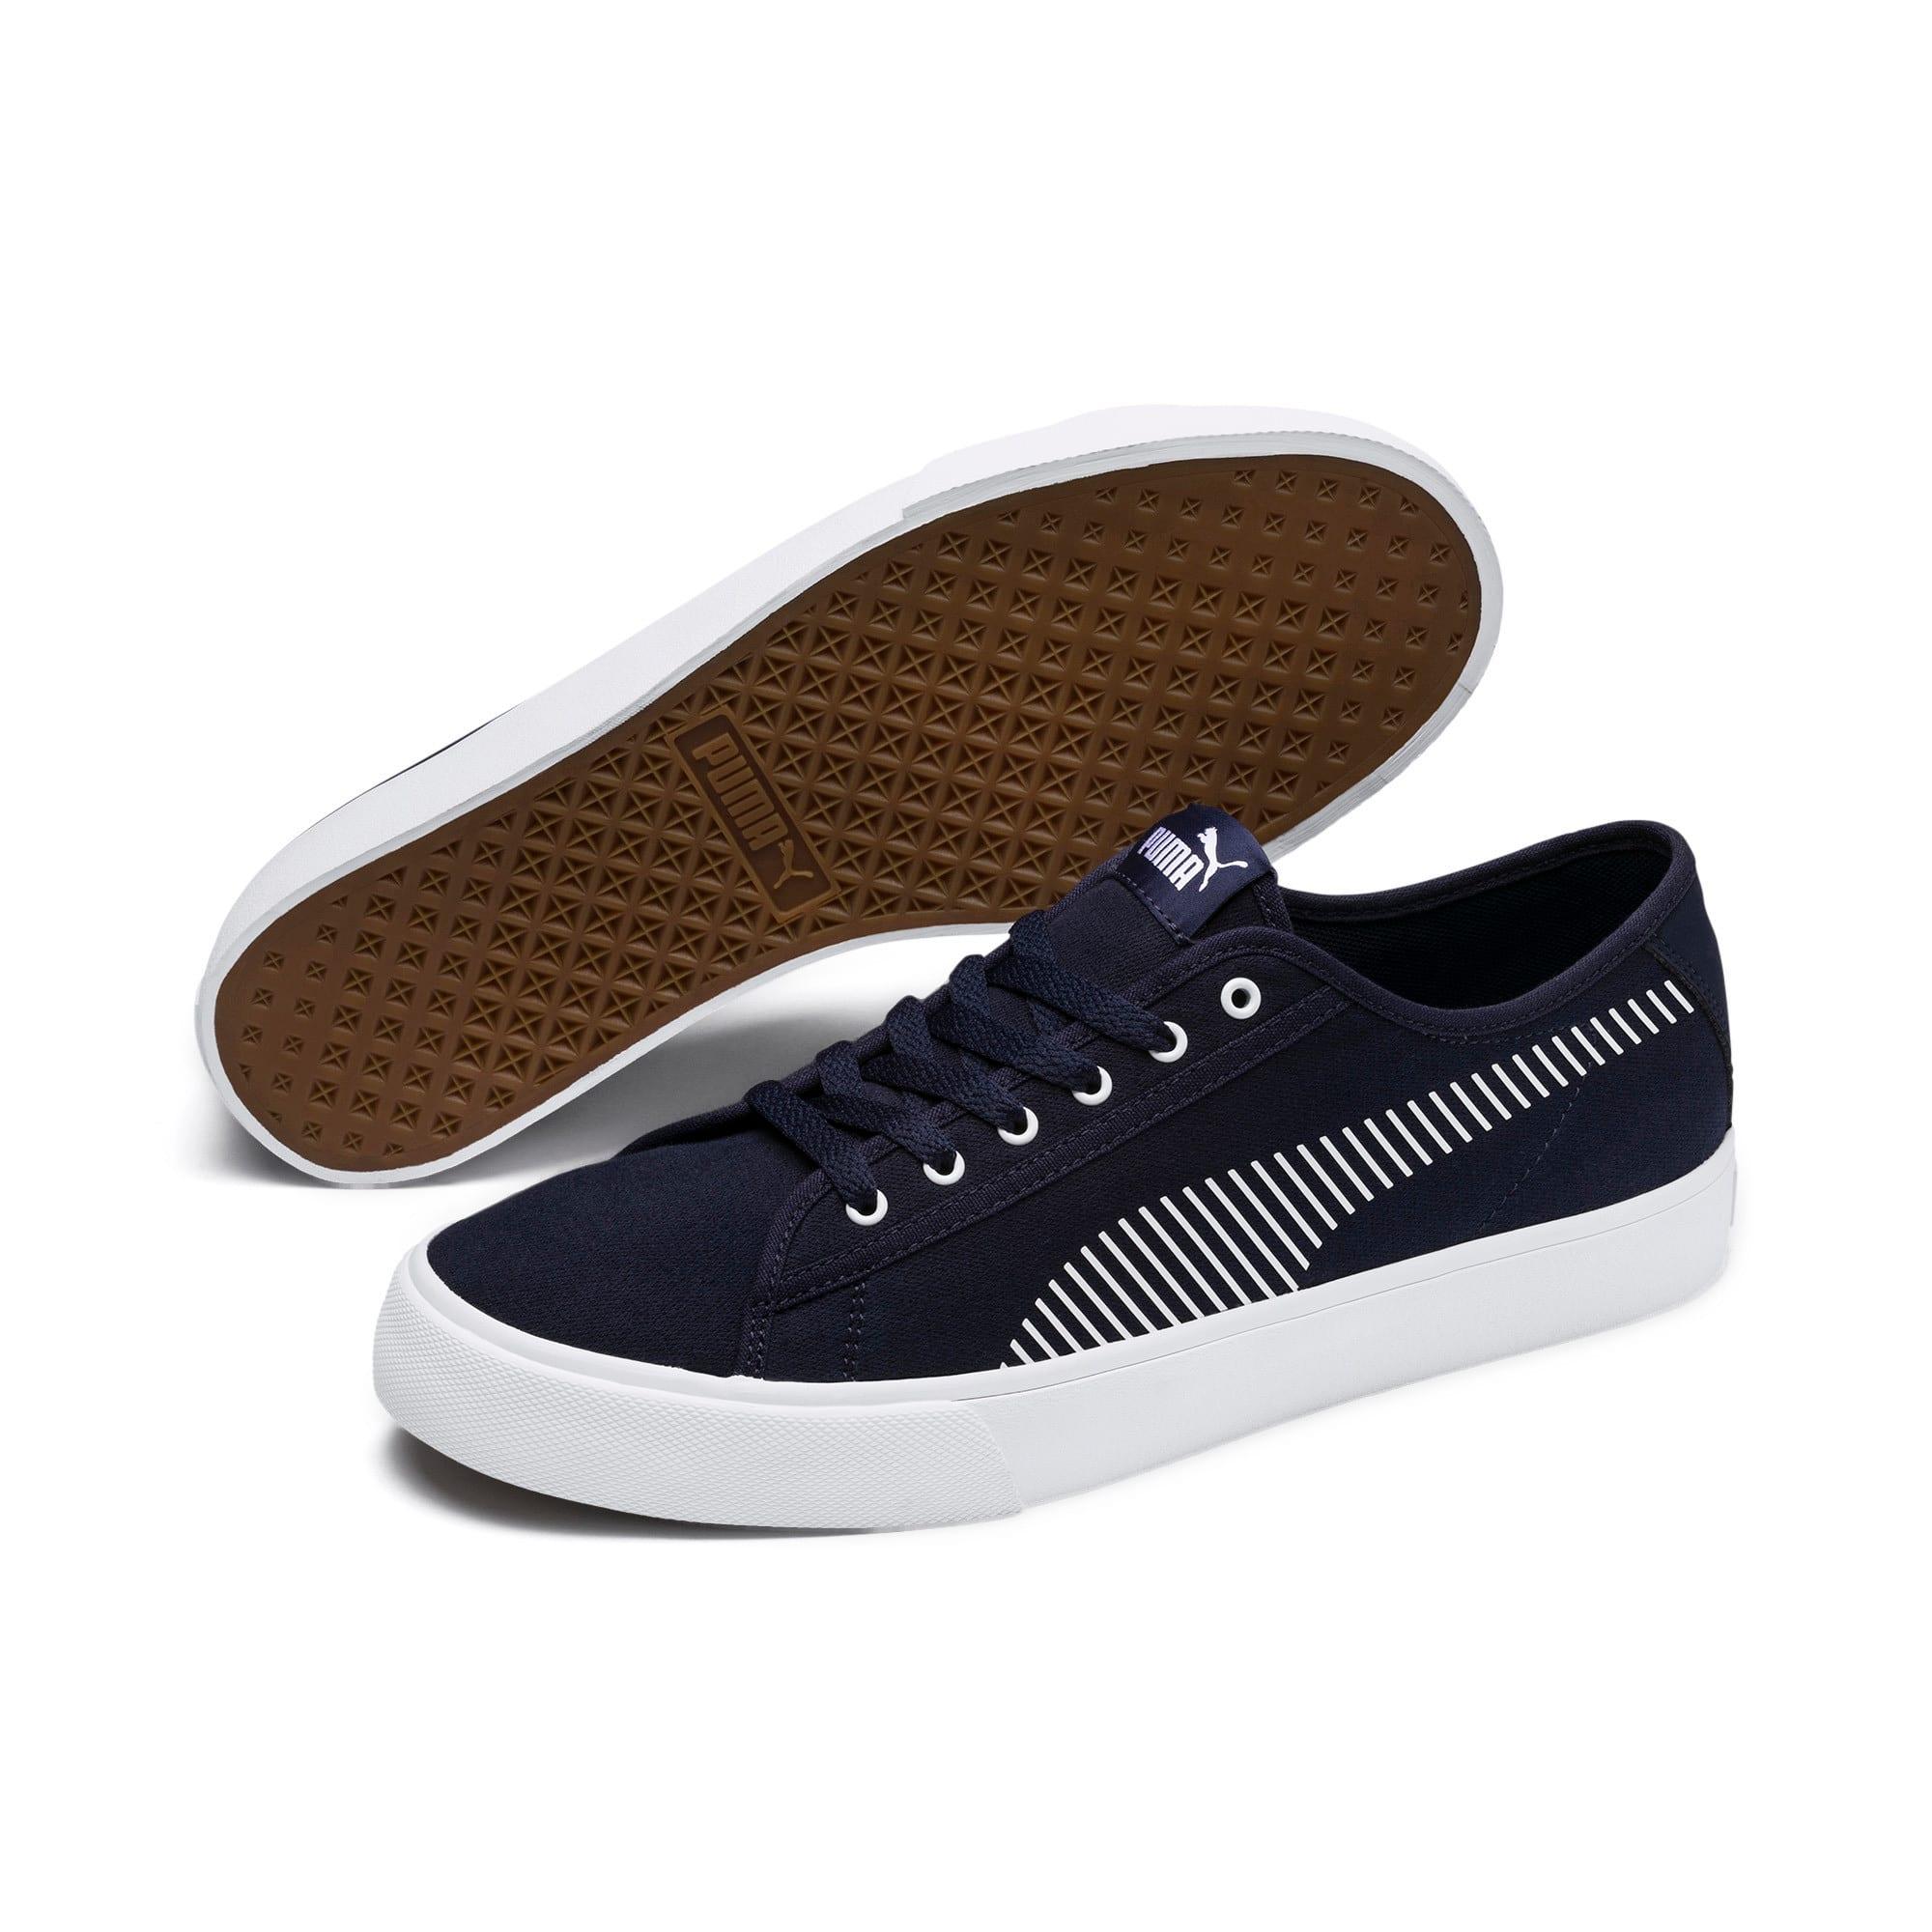 Thumbnail 2 of Bari Sneakers, Peacoat-Puma White, medium